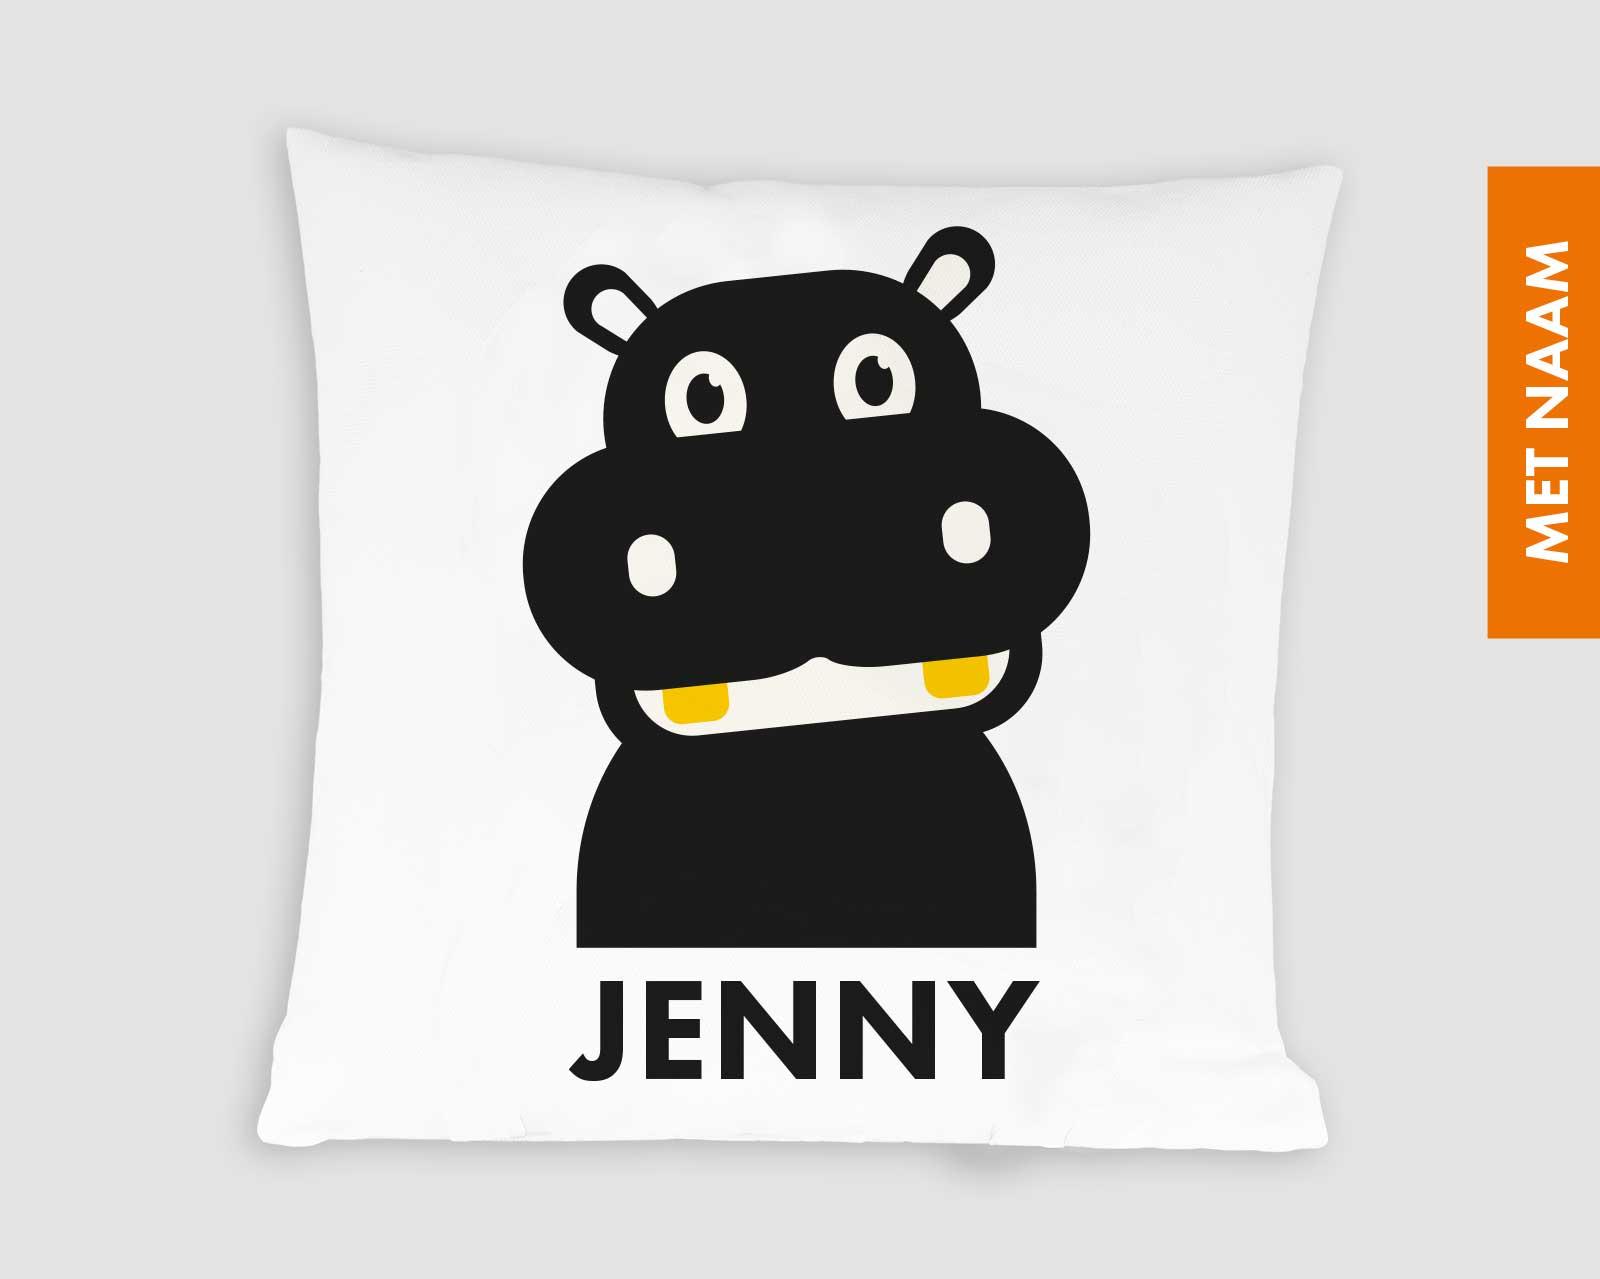 Kussenhoes gepersonaliseerd kraamcadeau met naamkinderkamer zwart-wit print aapje Pie Hippo nijlpaard